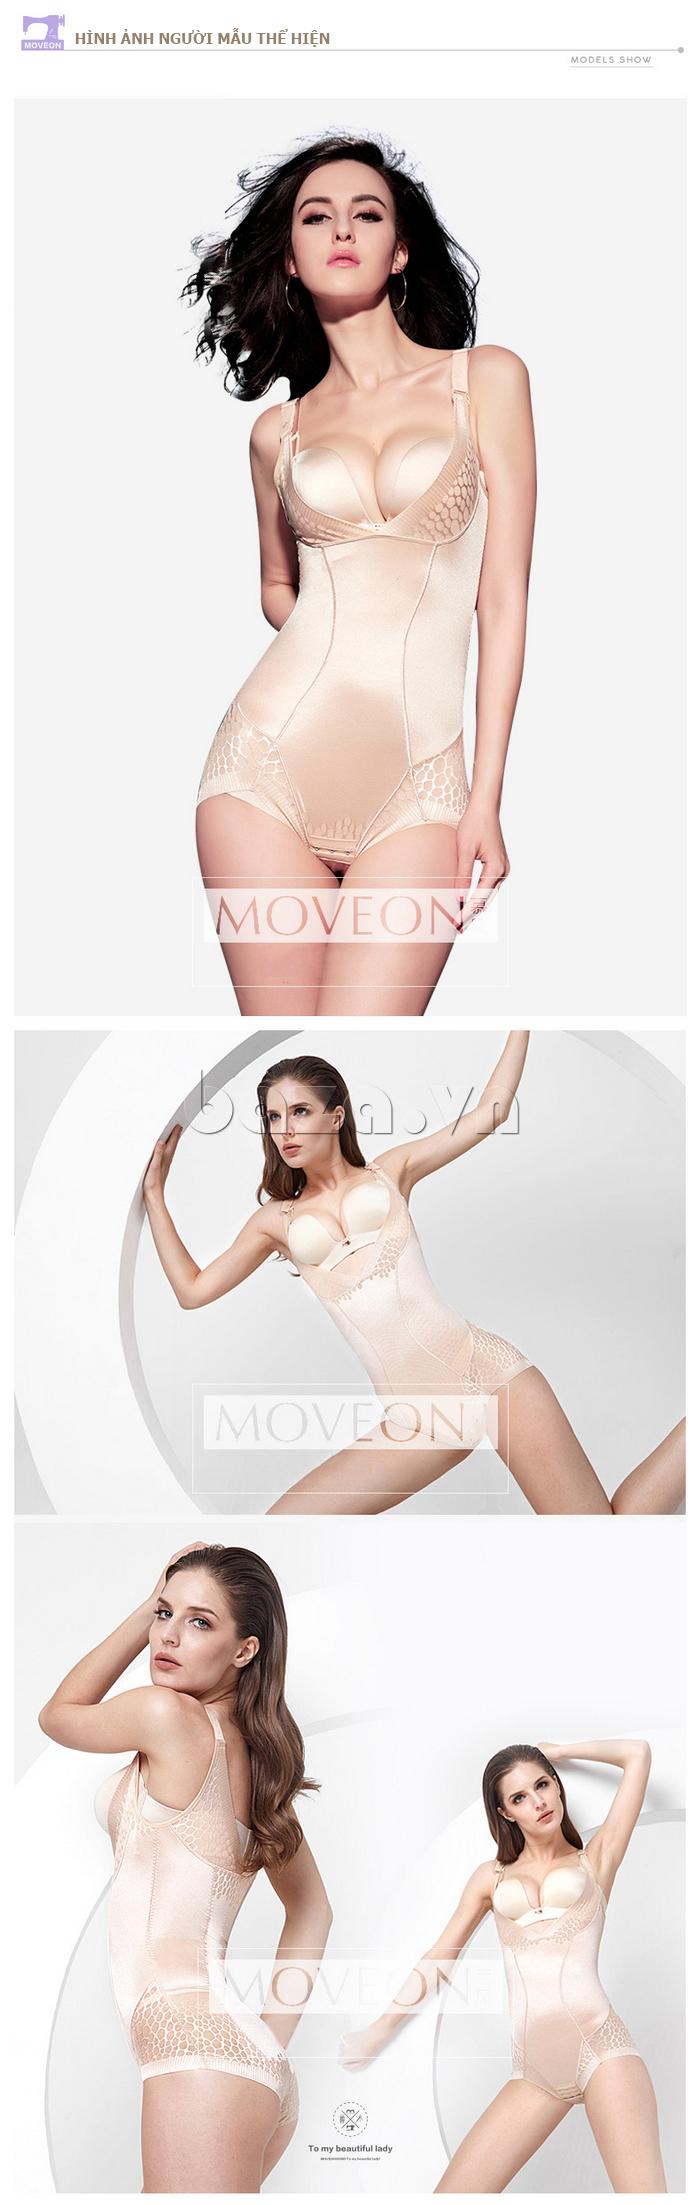 Áo định hình nữ liền thân tôn dáng Moveon bền bỉ